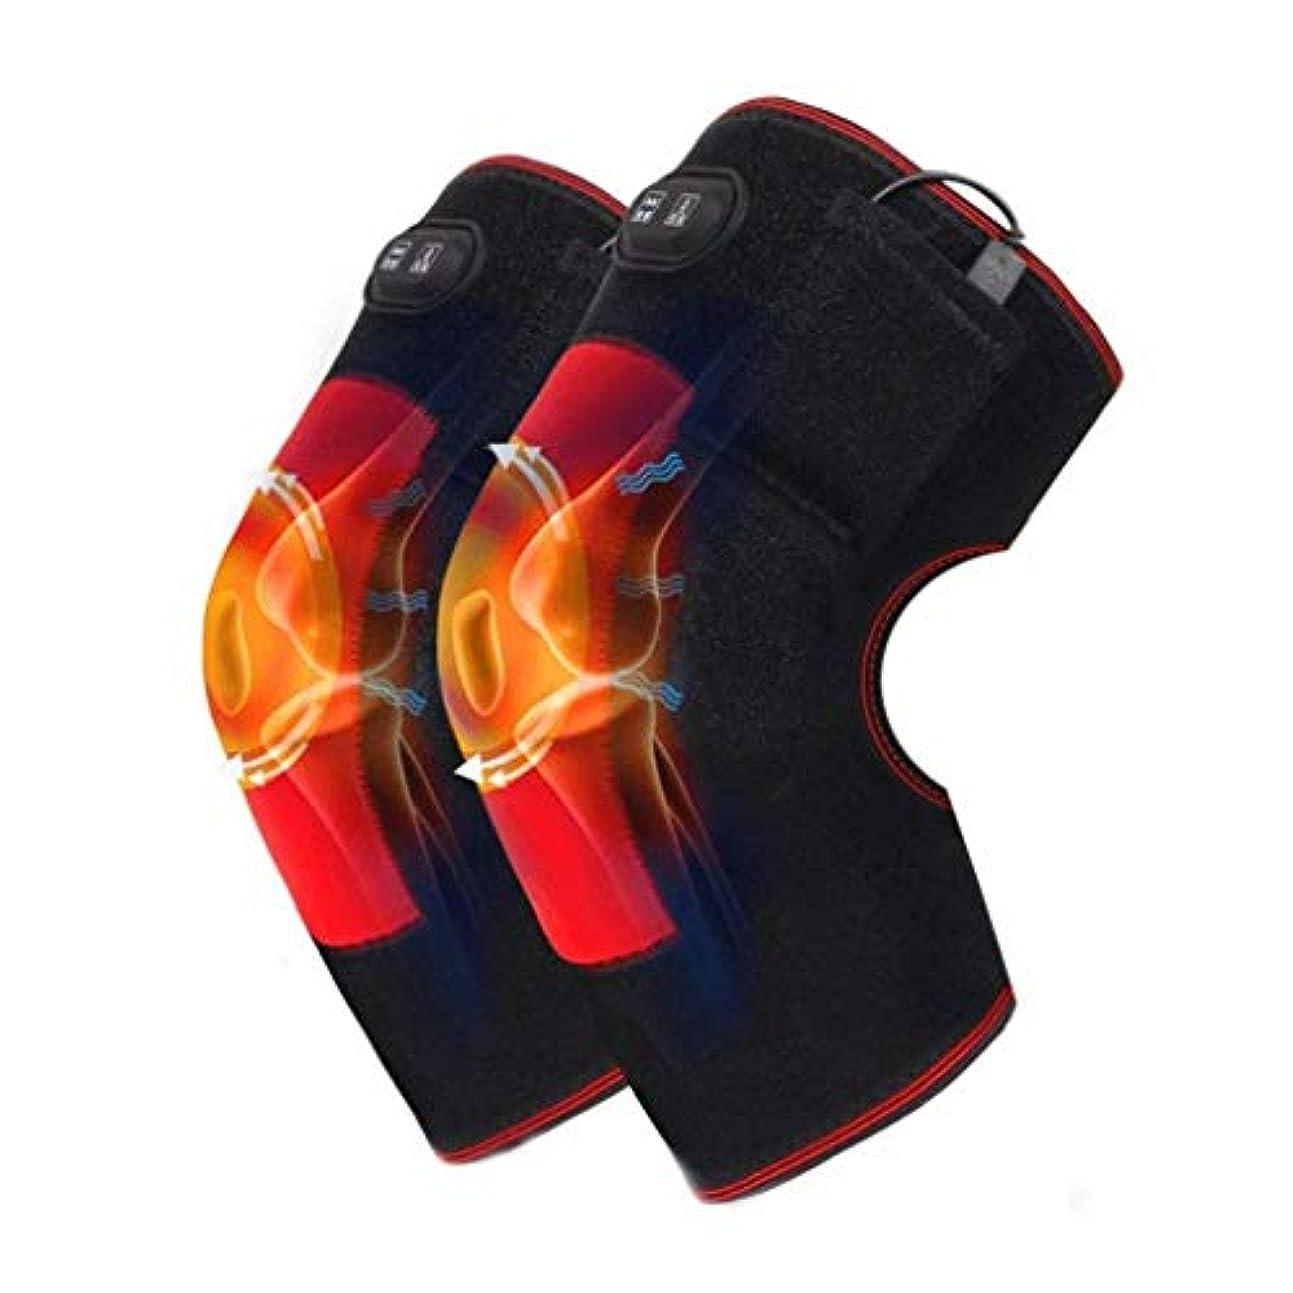 戦闘ヘルシー供給膝圧迫スリーブ、膝巻き式温熱パッド、関節炎、慢性関節痛、腱炎、膝脱臼、涙靭帯を効果的に緩和できる